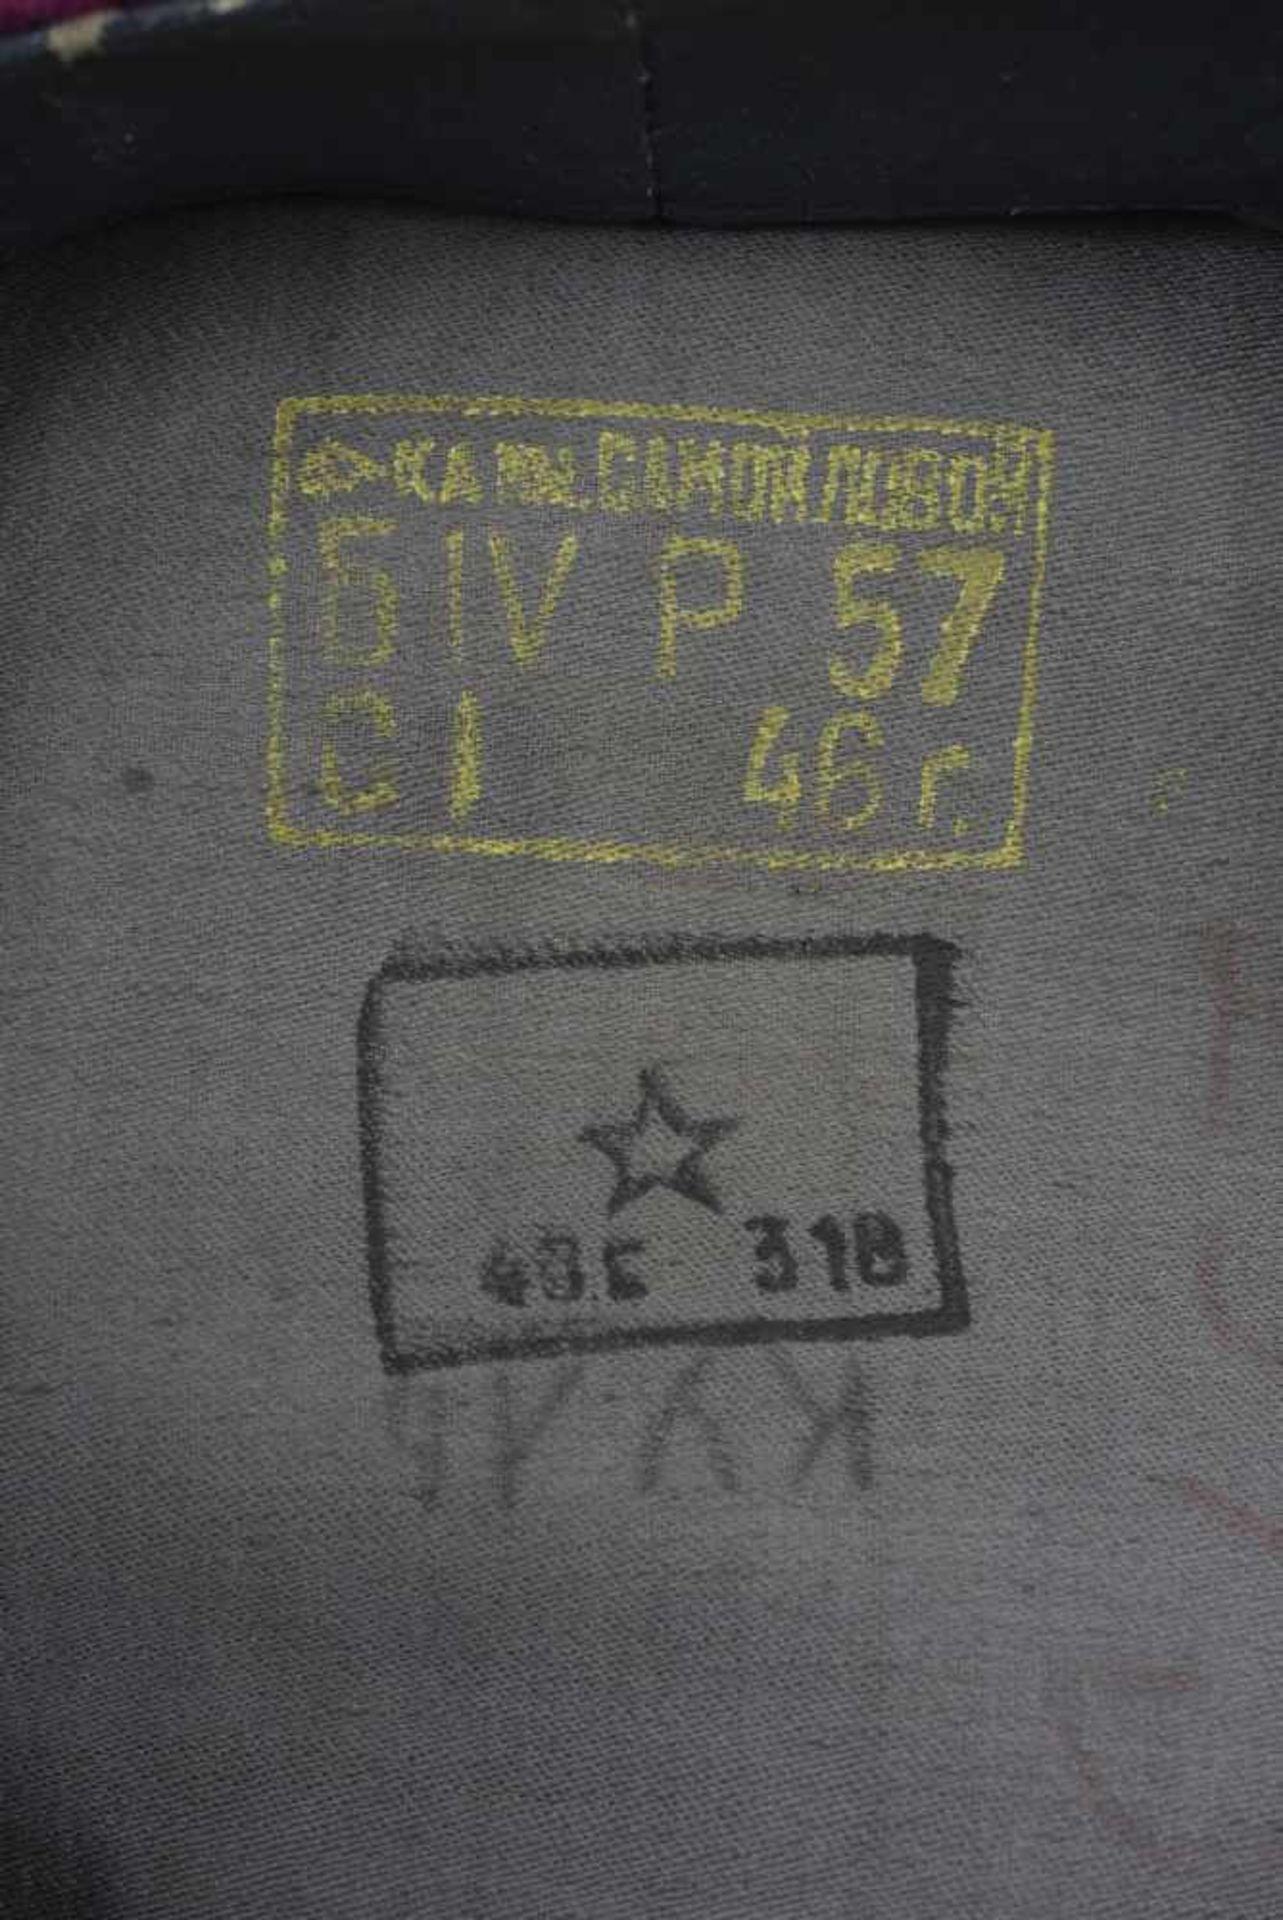 Casquette M.35 Infanterie bandeau et passepoil framboise, taille 57, coiffe souple, datée 1946. M.35 - Bild 2 aus 4